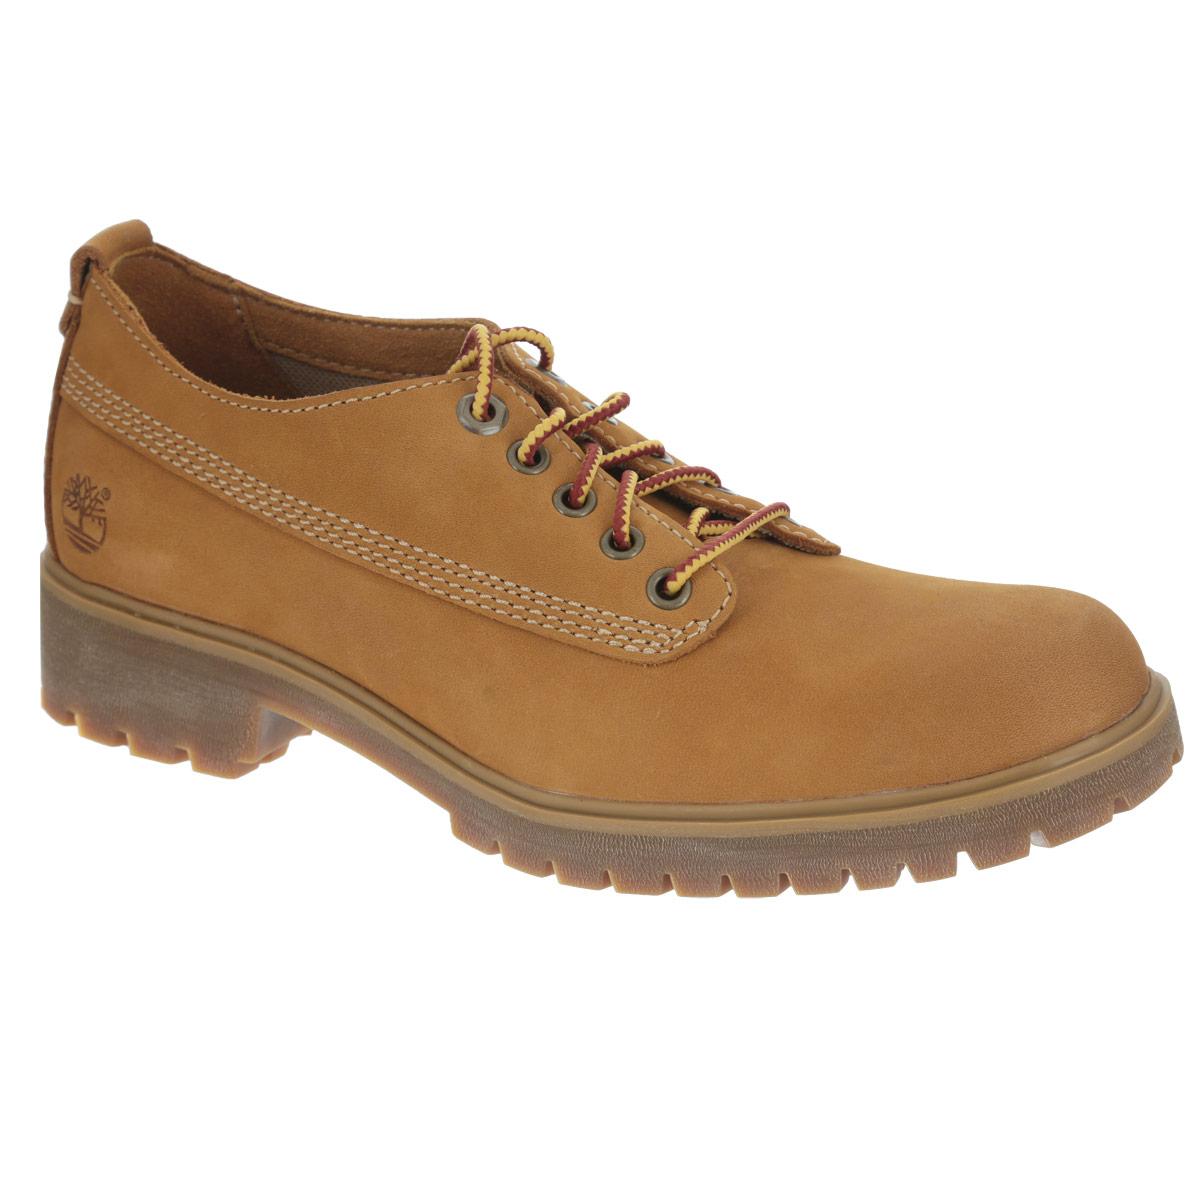 TBL8520BMСтильные женские полуботинки от Timberland заинтересуют вас своим дизайном. Модель изготовлена из натурального нубука и оформлена декоративной прострочкой, оригинальным плетением на шнурках, сбоку - тисненым логотипом бренда. Шнуровка прочно зафиксирует обувь на вашей ноге. Стелька EVA с поверхностью из натуральной кожи обеспечивает максимальный комфорт при движении. Подошва и каблук с протектором гарантируют максимальное сцепление с поверхностью. Удобные полуботинки - незаменимая вещь в гардеробе истинной модницы.